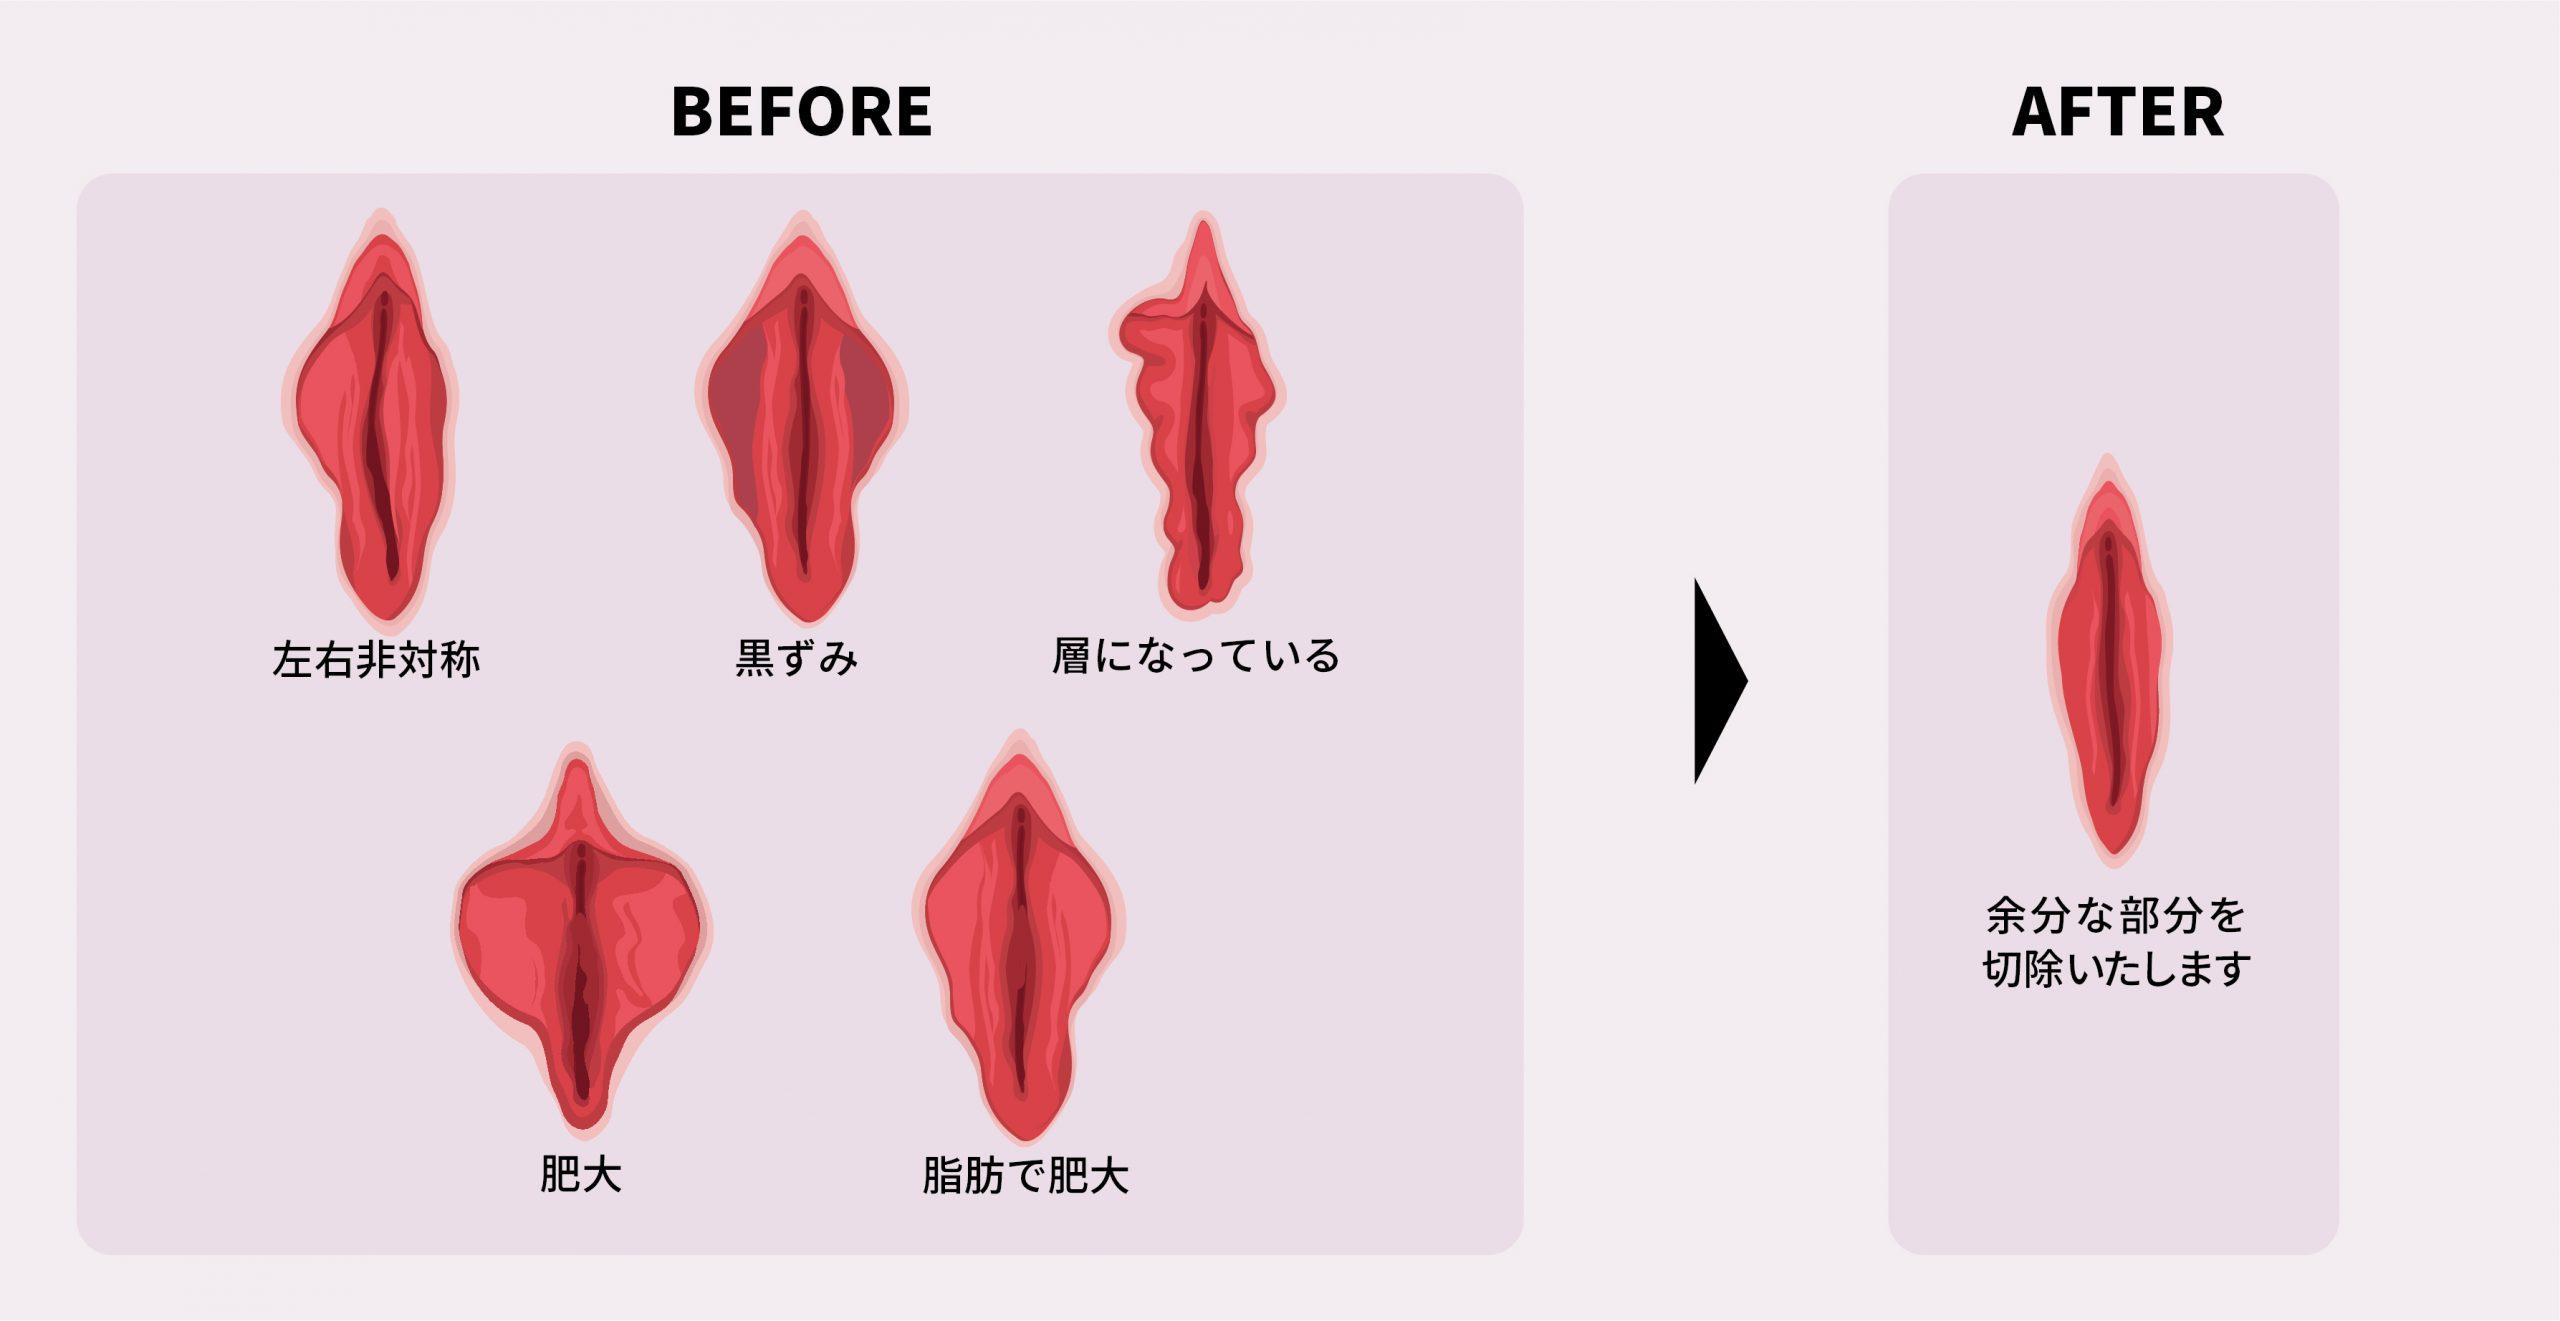 小陰唇縮小 画像